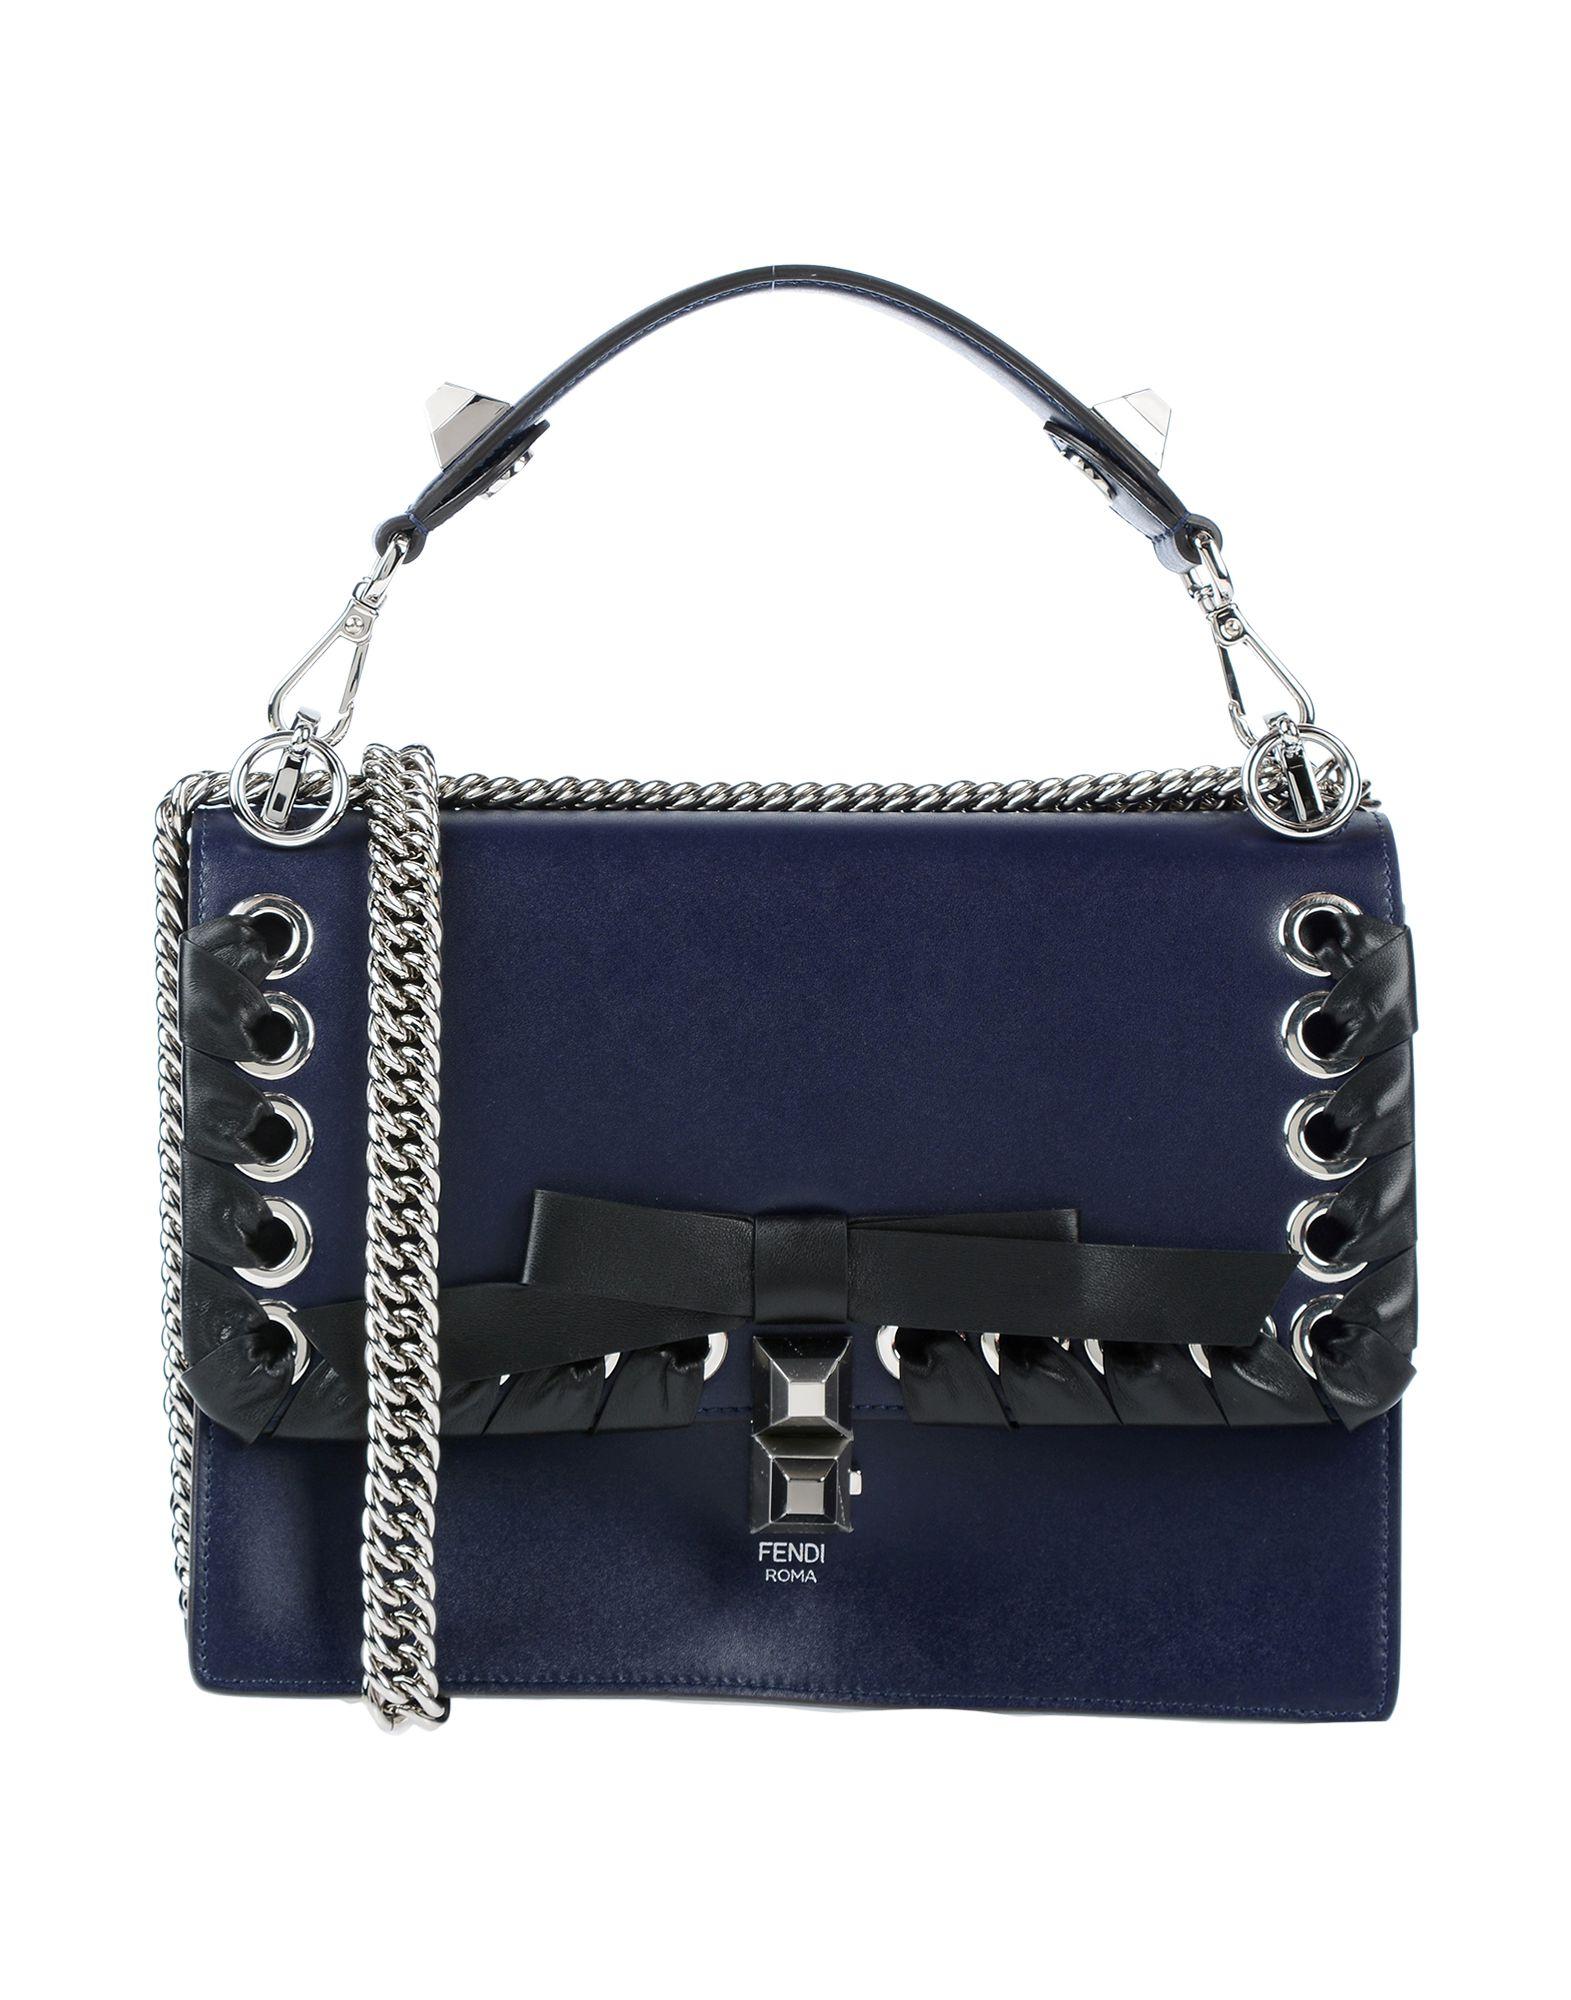 e6511e367715 Fendi Cross-Body Bags - Women Fendi Cross-Body Bags online on YOOX ...